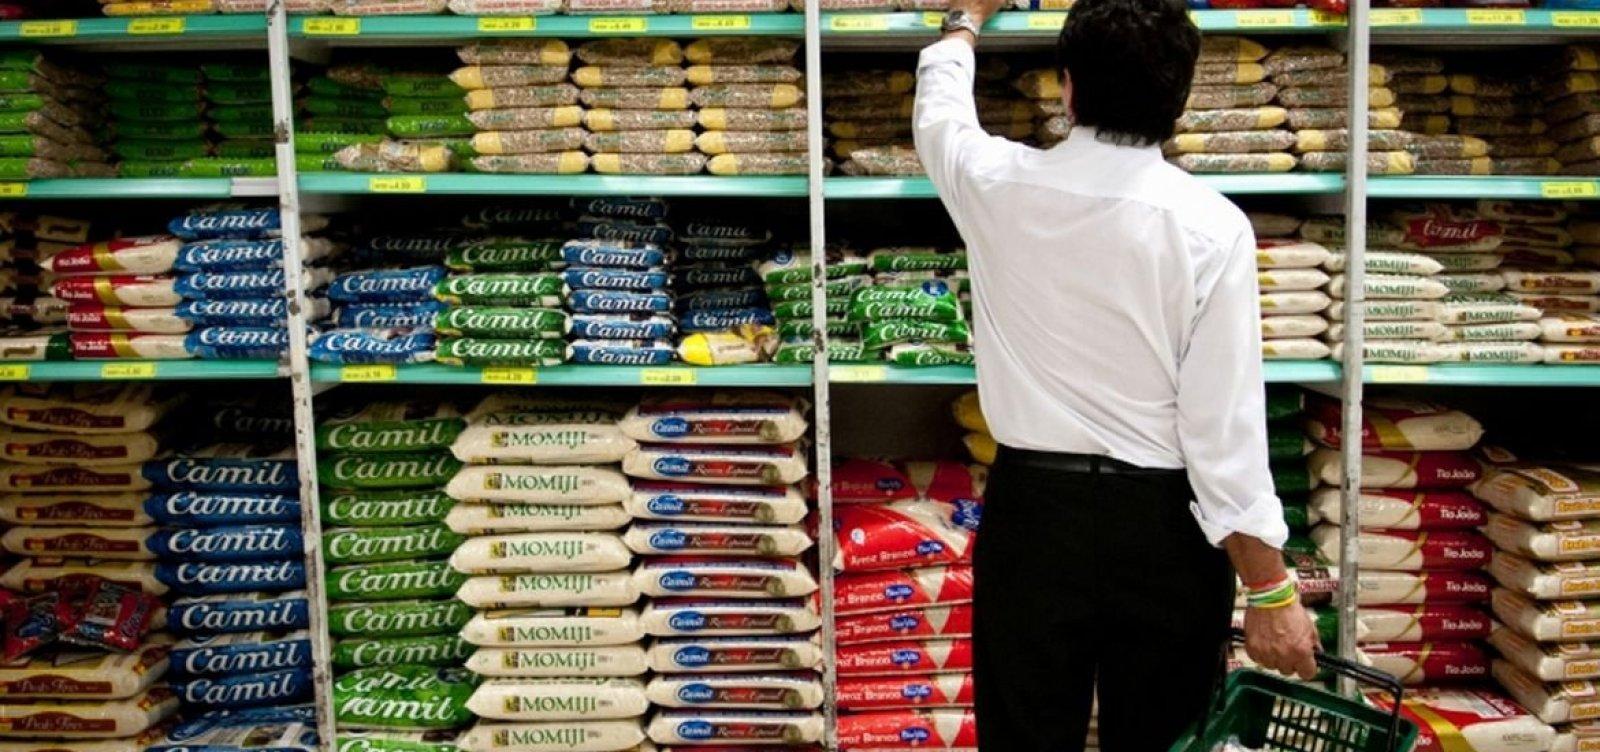 [Preços de alimentos básicos sobe em 17 capitais no mês de setembro; Salvador teve uma das maiores altas]